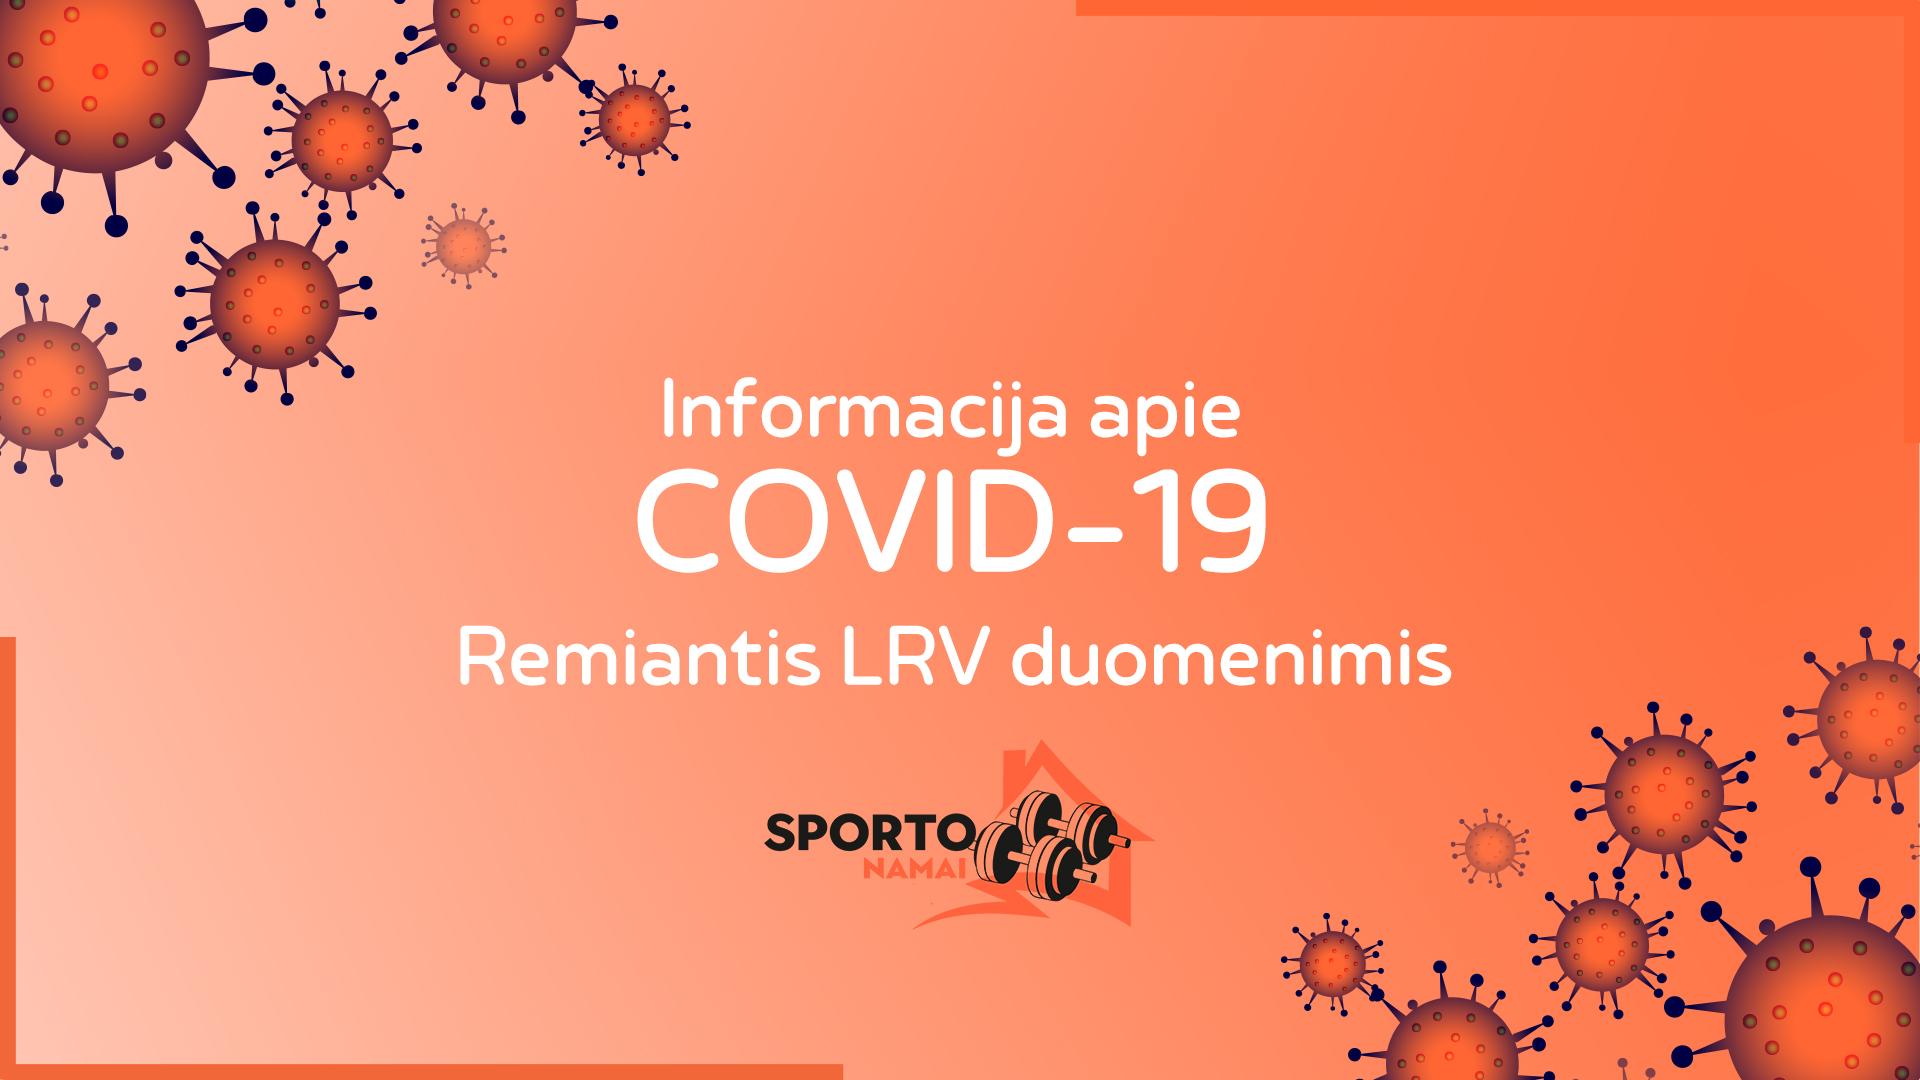 nformacija apie COVID-19